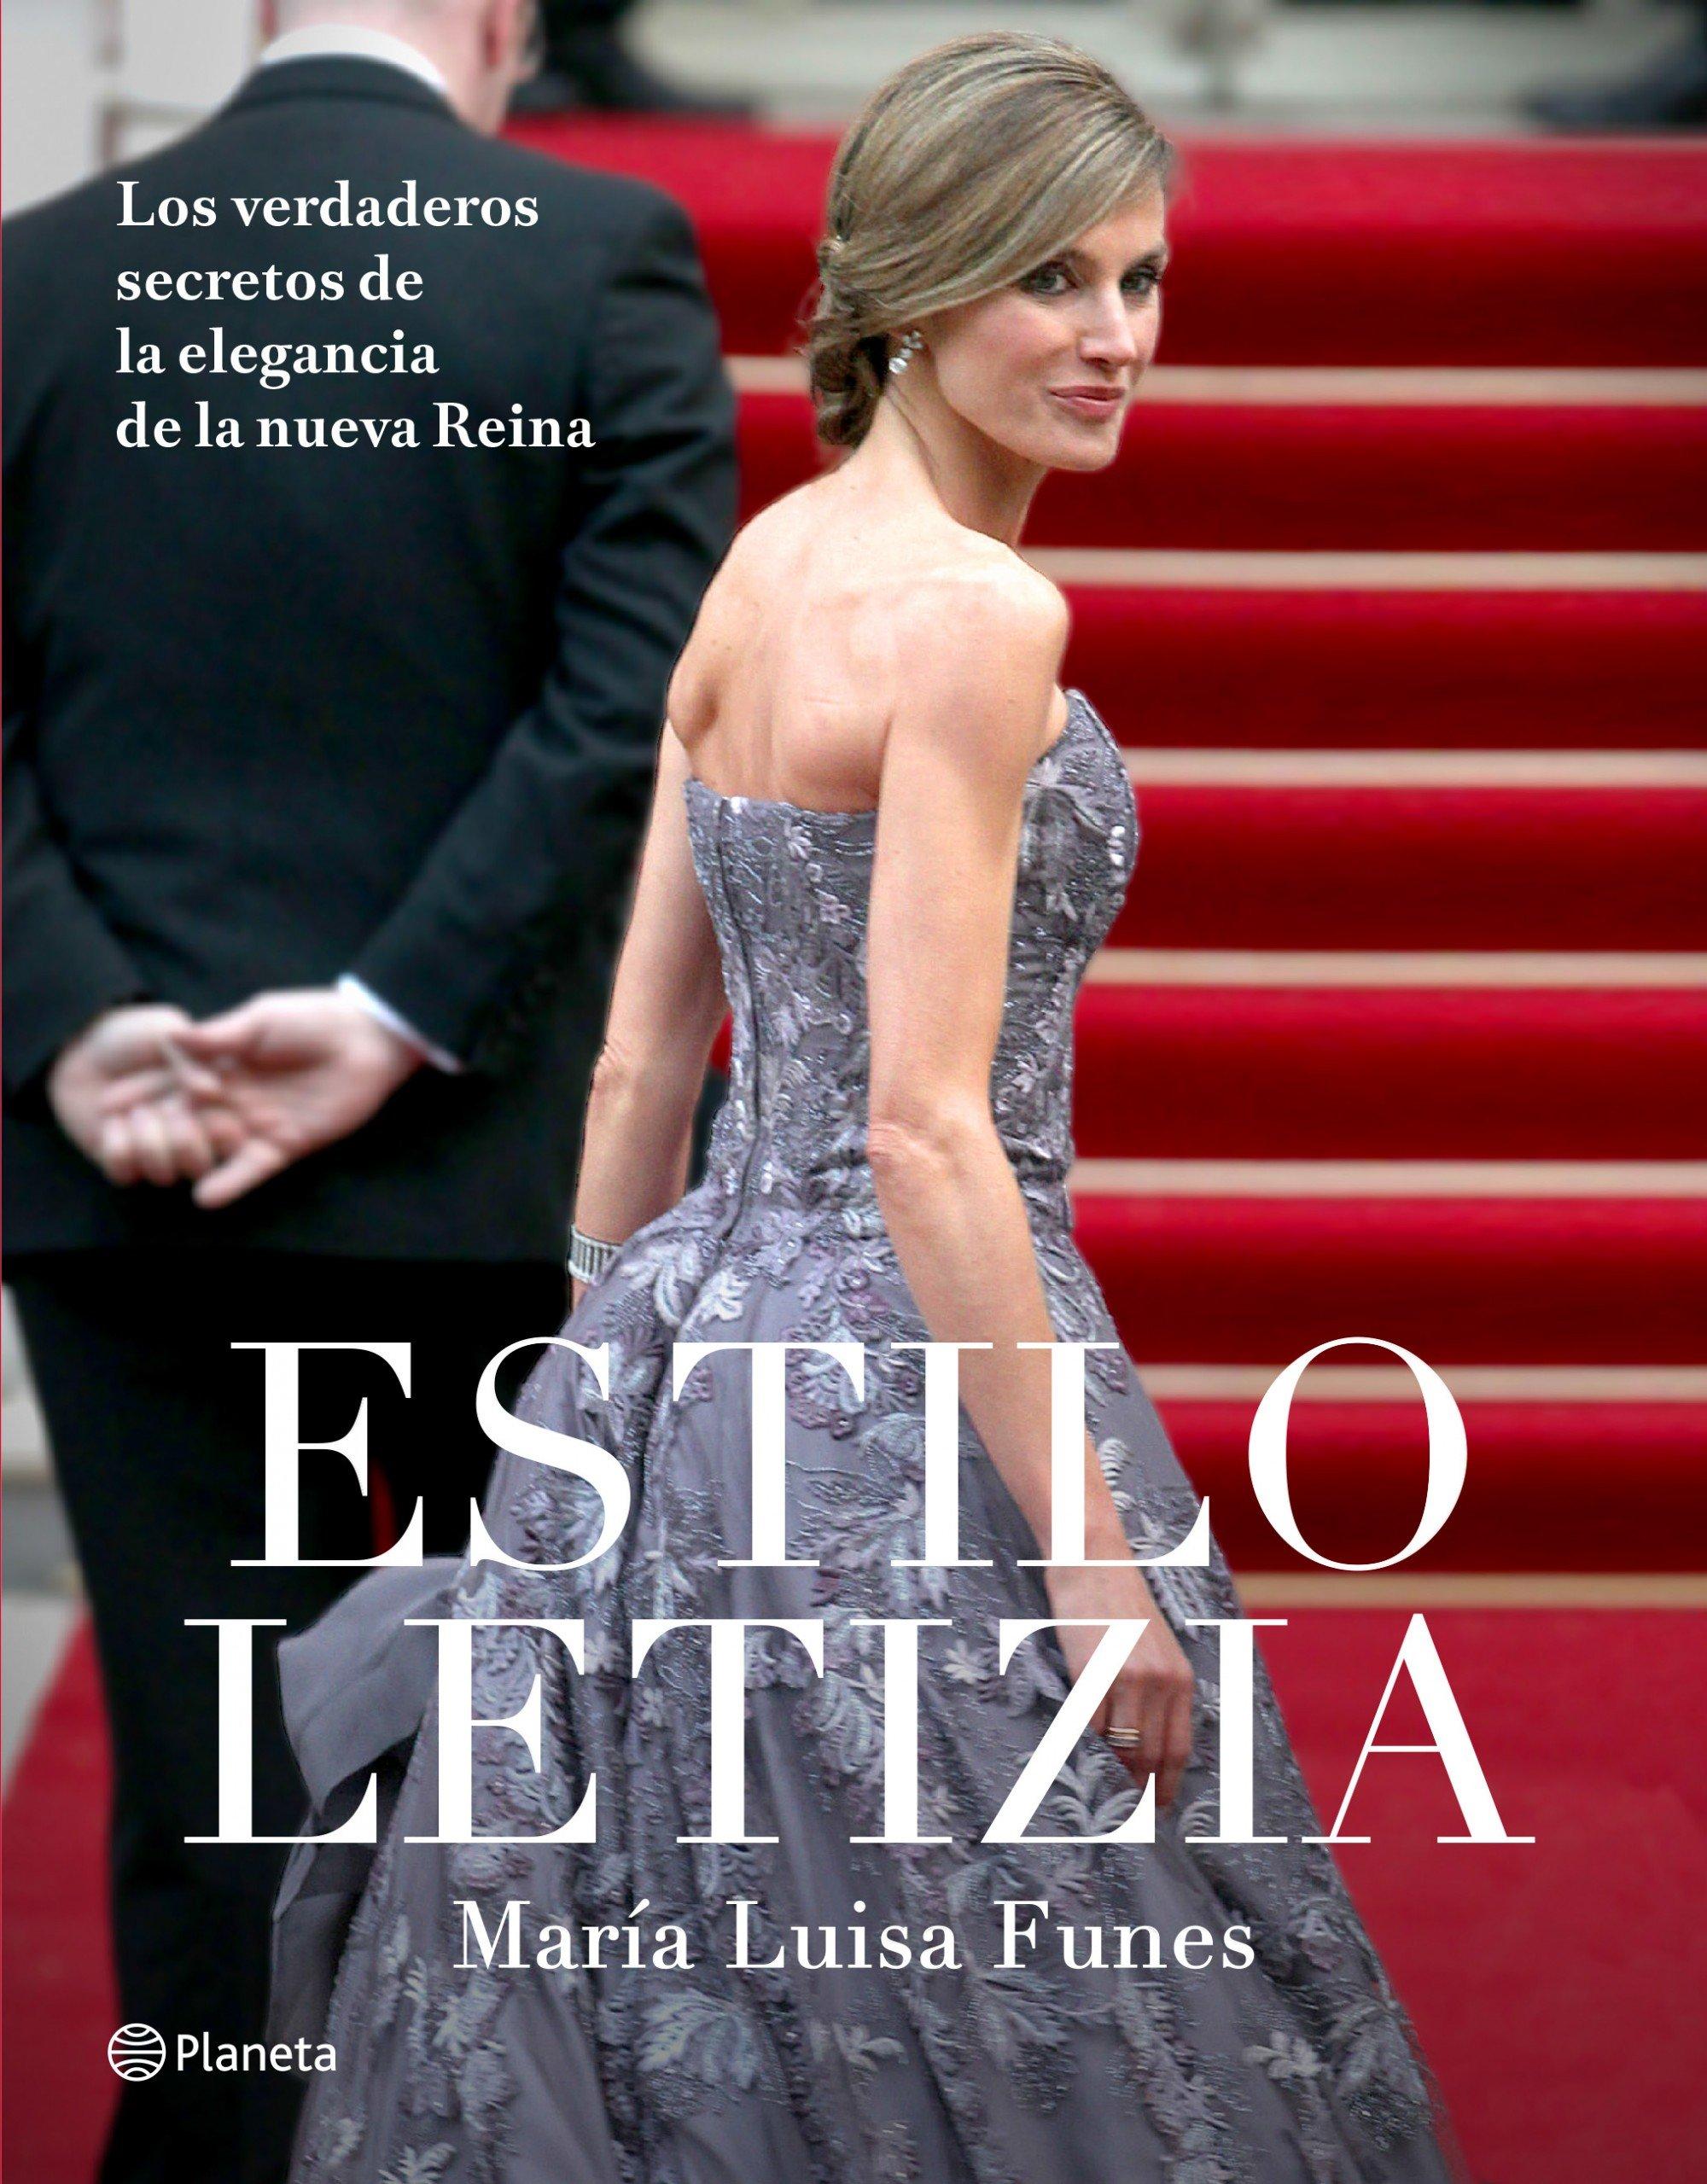 Estilo Letizia: Los verdaderos secretos de la elegancia de la nueva reina No Ficcion: Amazon.es: Funes, María Luisa: Libros